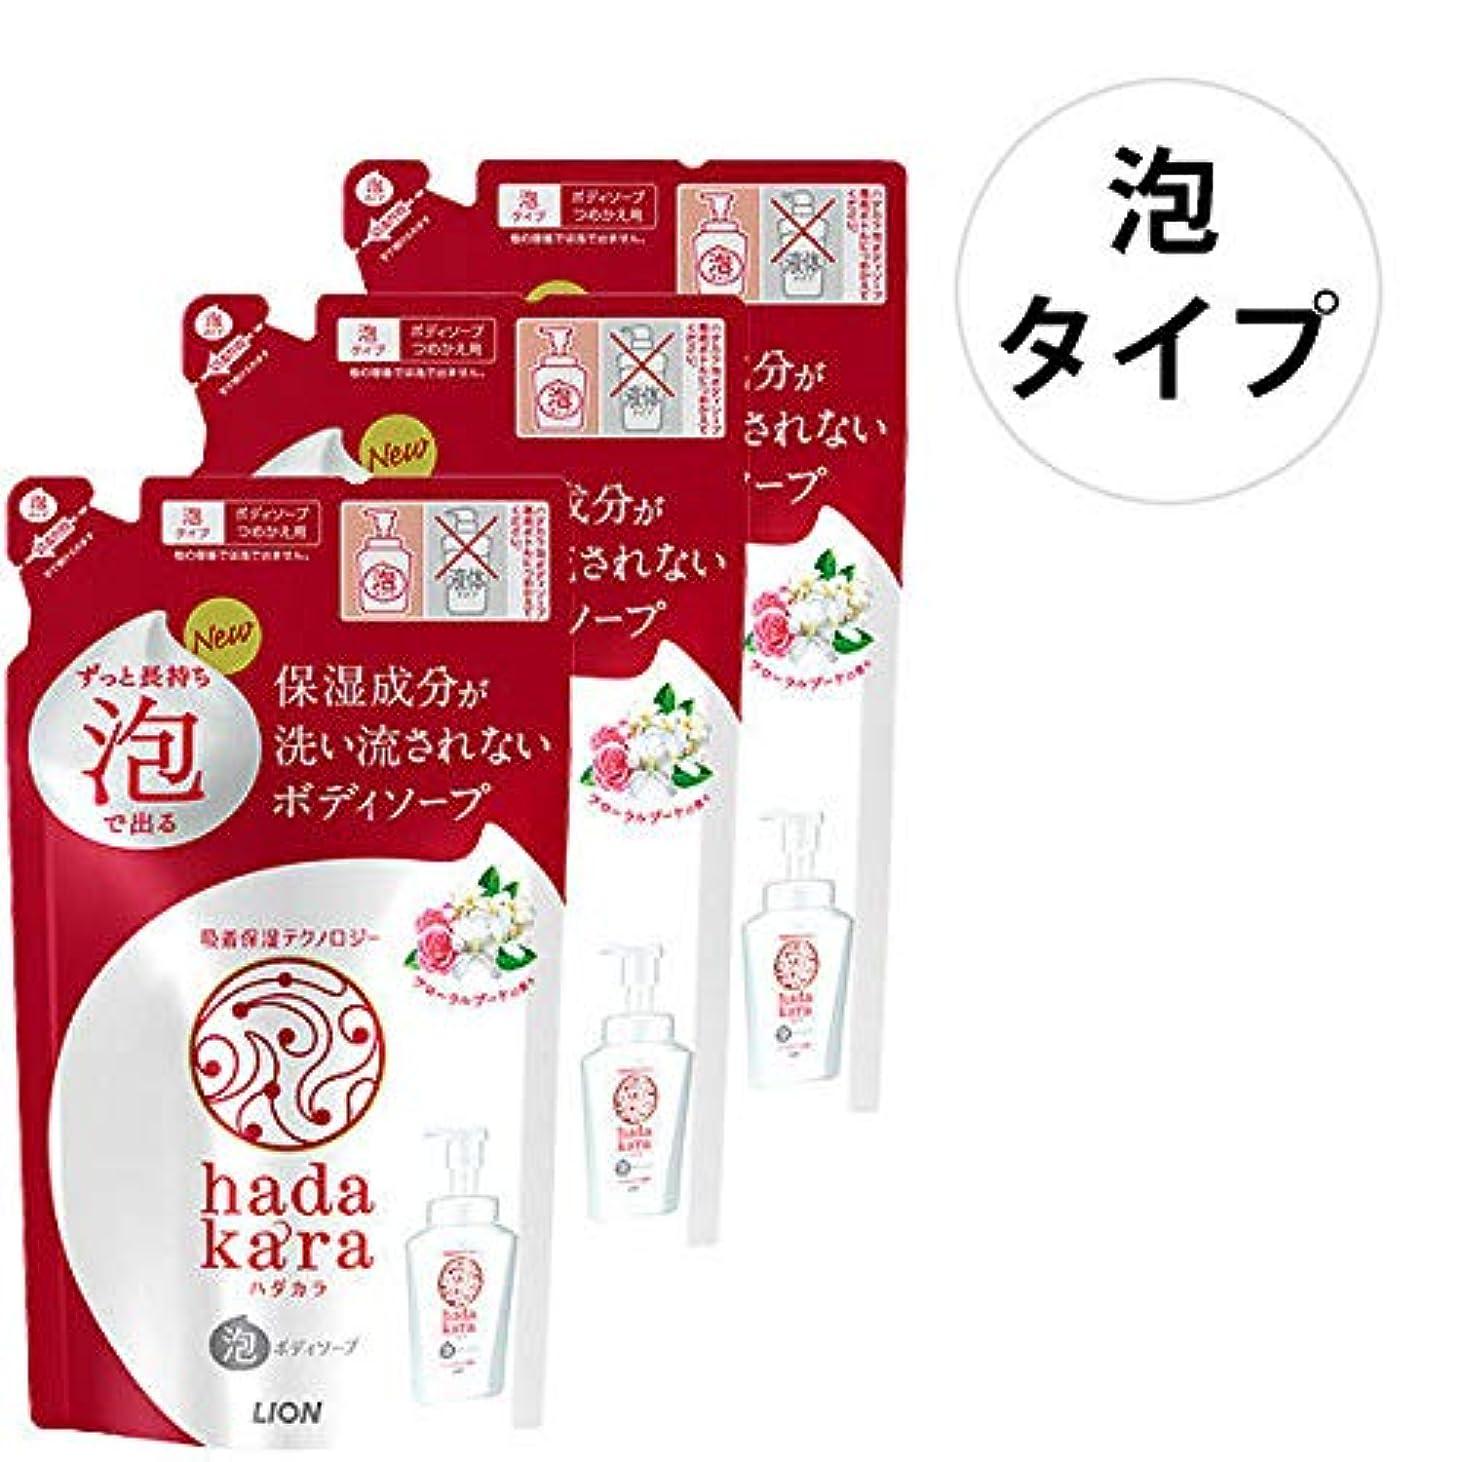 麺モッキンバード収まるhadakara(ハダカラ) ボディソープ 泡タイプ フローラルブーケの香り 詰替 440ml